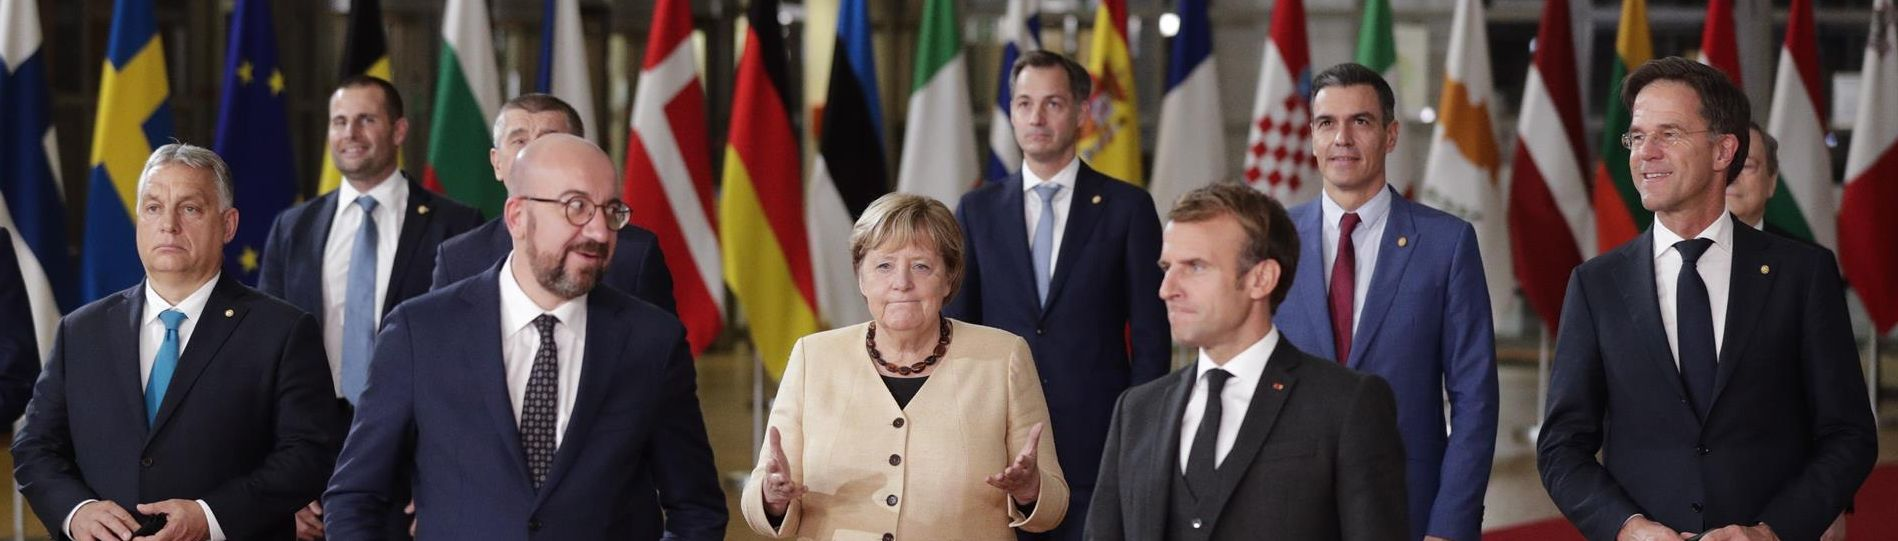 debate bruselas sobre la luz